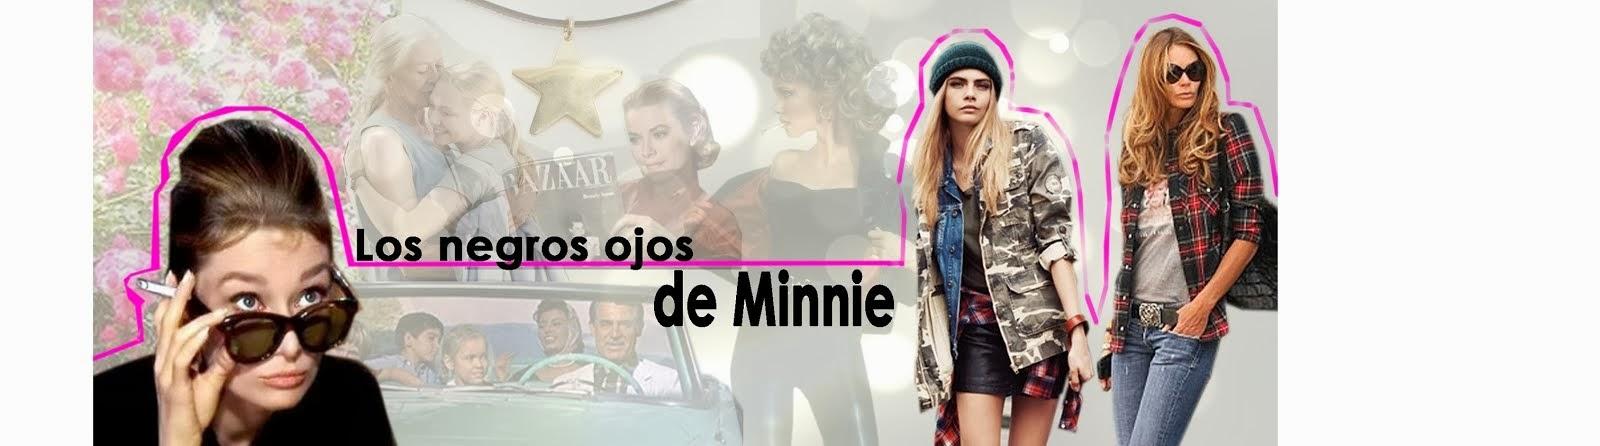 Los negros ojos de Minnie